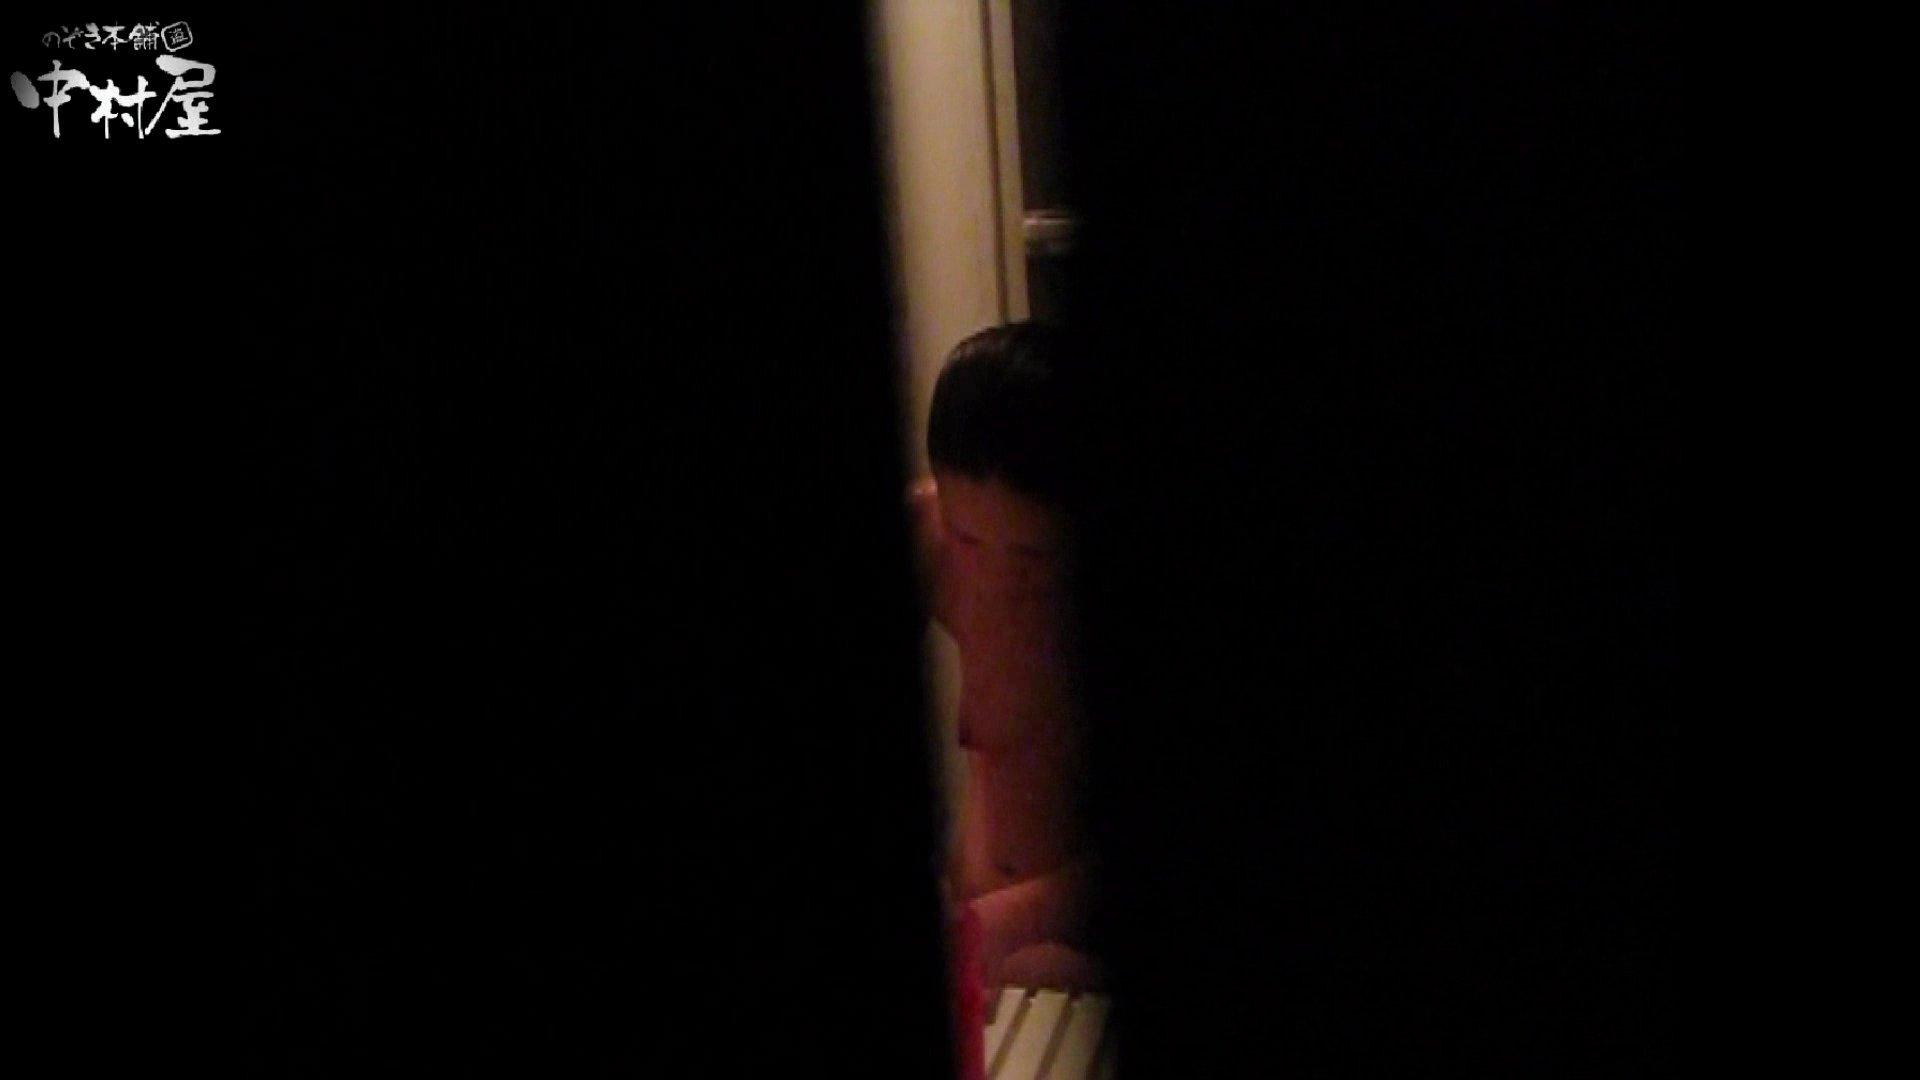 民家風呂専門盗撮師の超危険映像 vol.004 OLのエロ生活 セックス画像 99連発 56